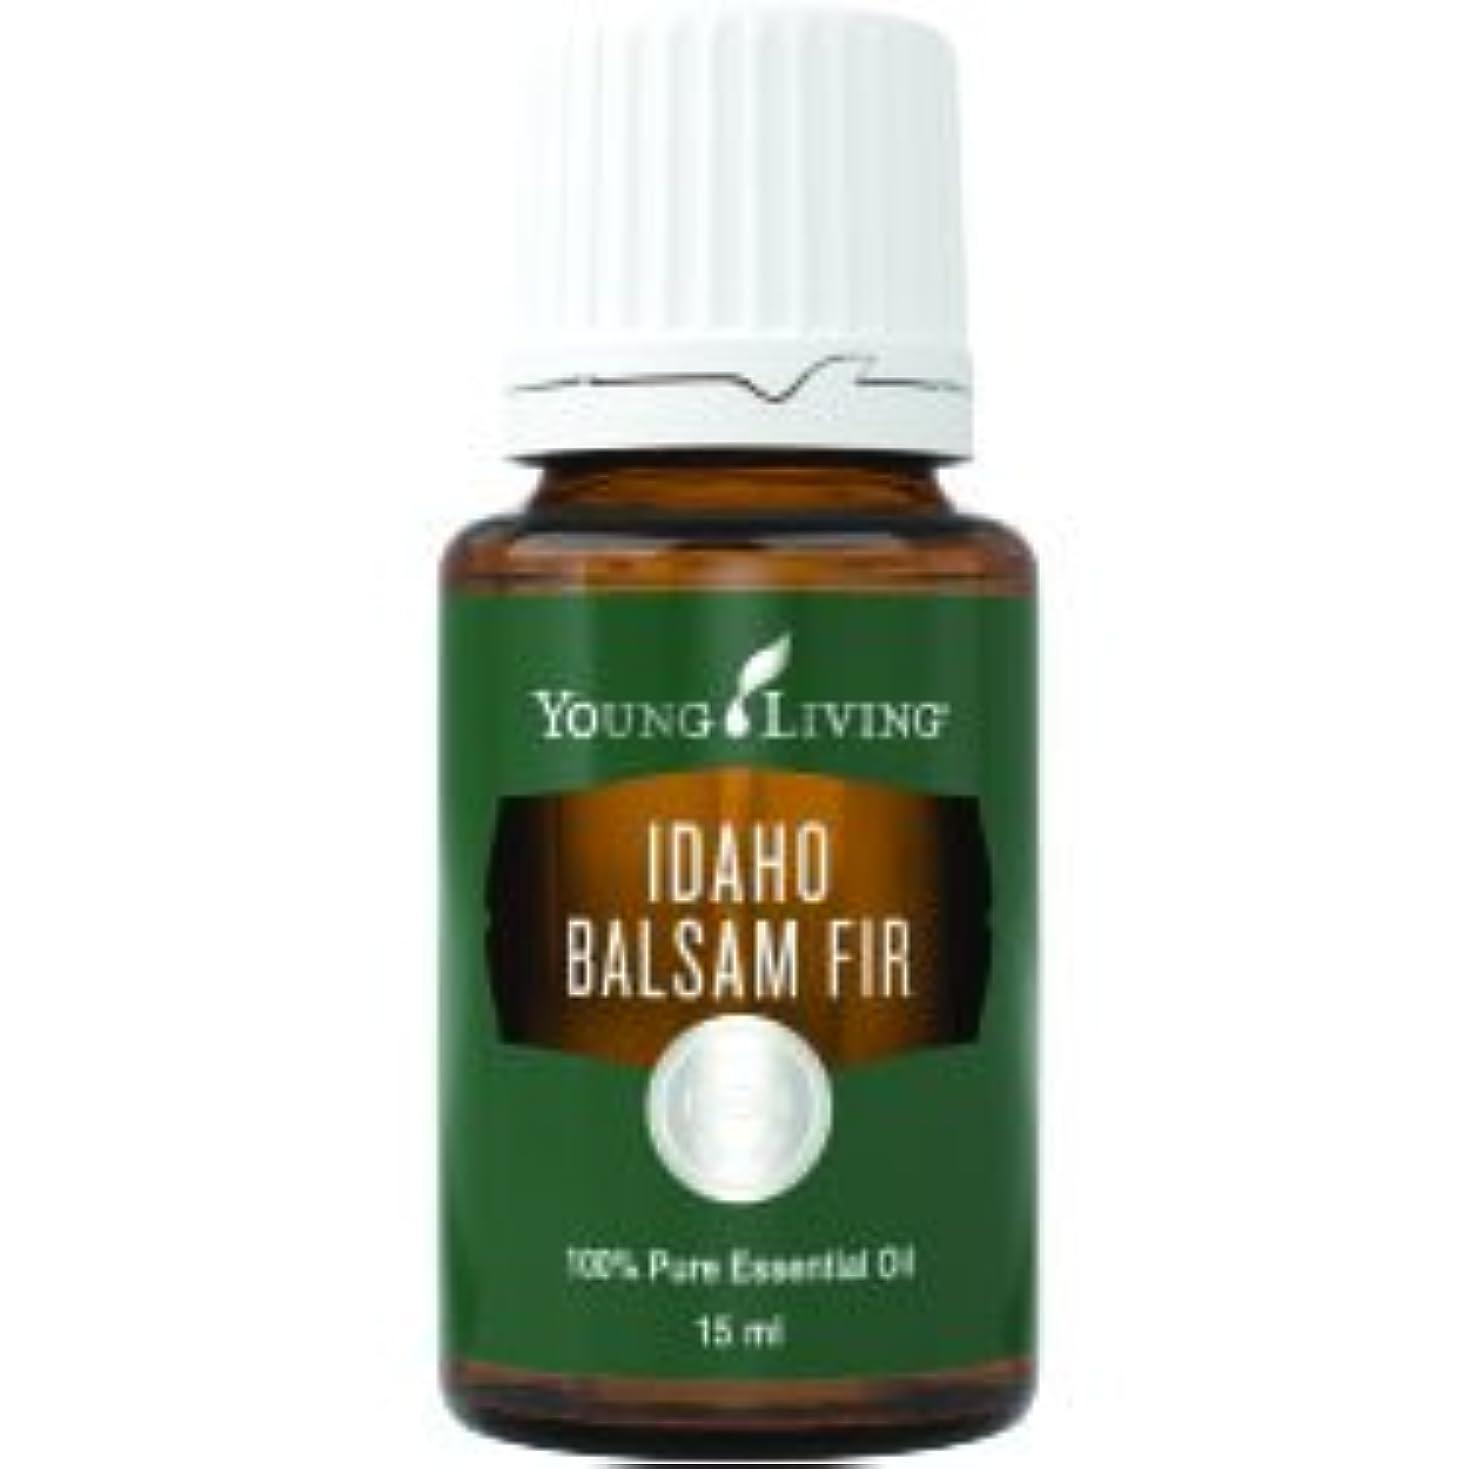 作りスリラーものアイダホバルサムモミエッセンシャルオイル15ml by Young Livingエッセンシャルオイルマレーシア Idaho Balsam Fir Essential Oil 15ml by Young Living Essential...